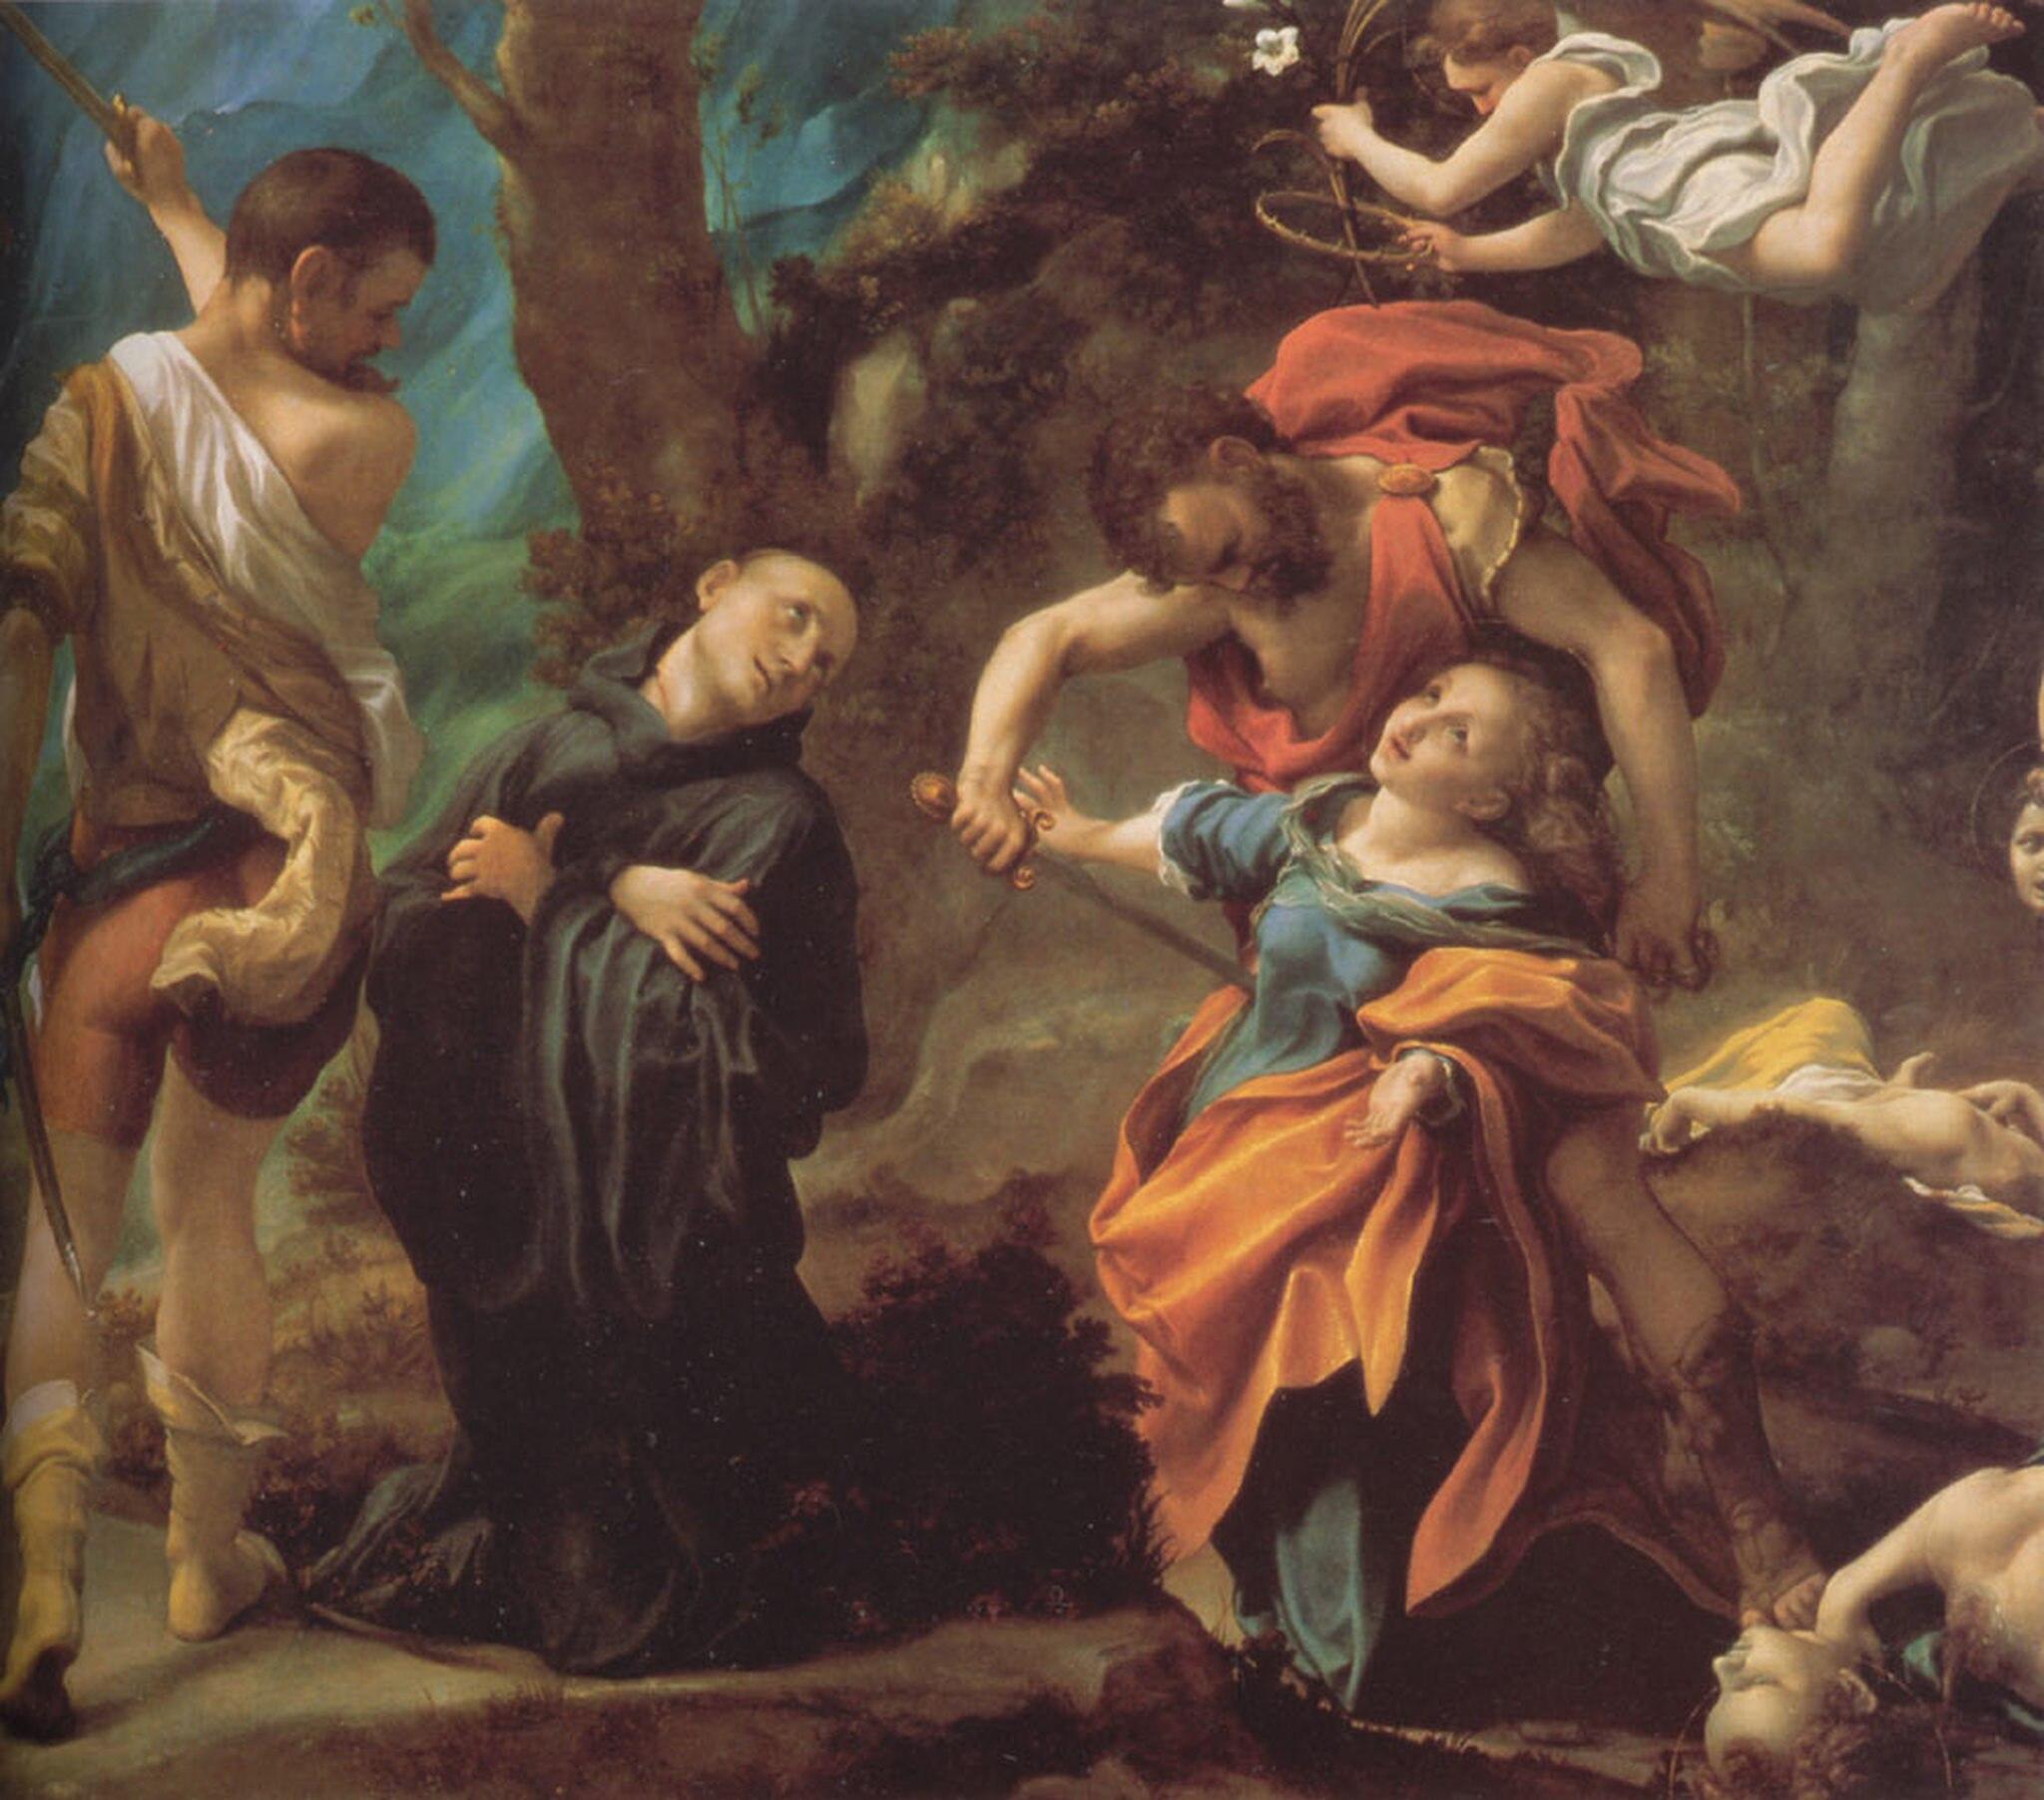 Correge 1524 ca martirio_dei_quattro_santi Galerie nationale Parme